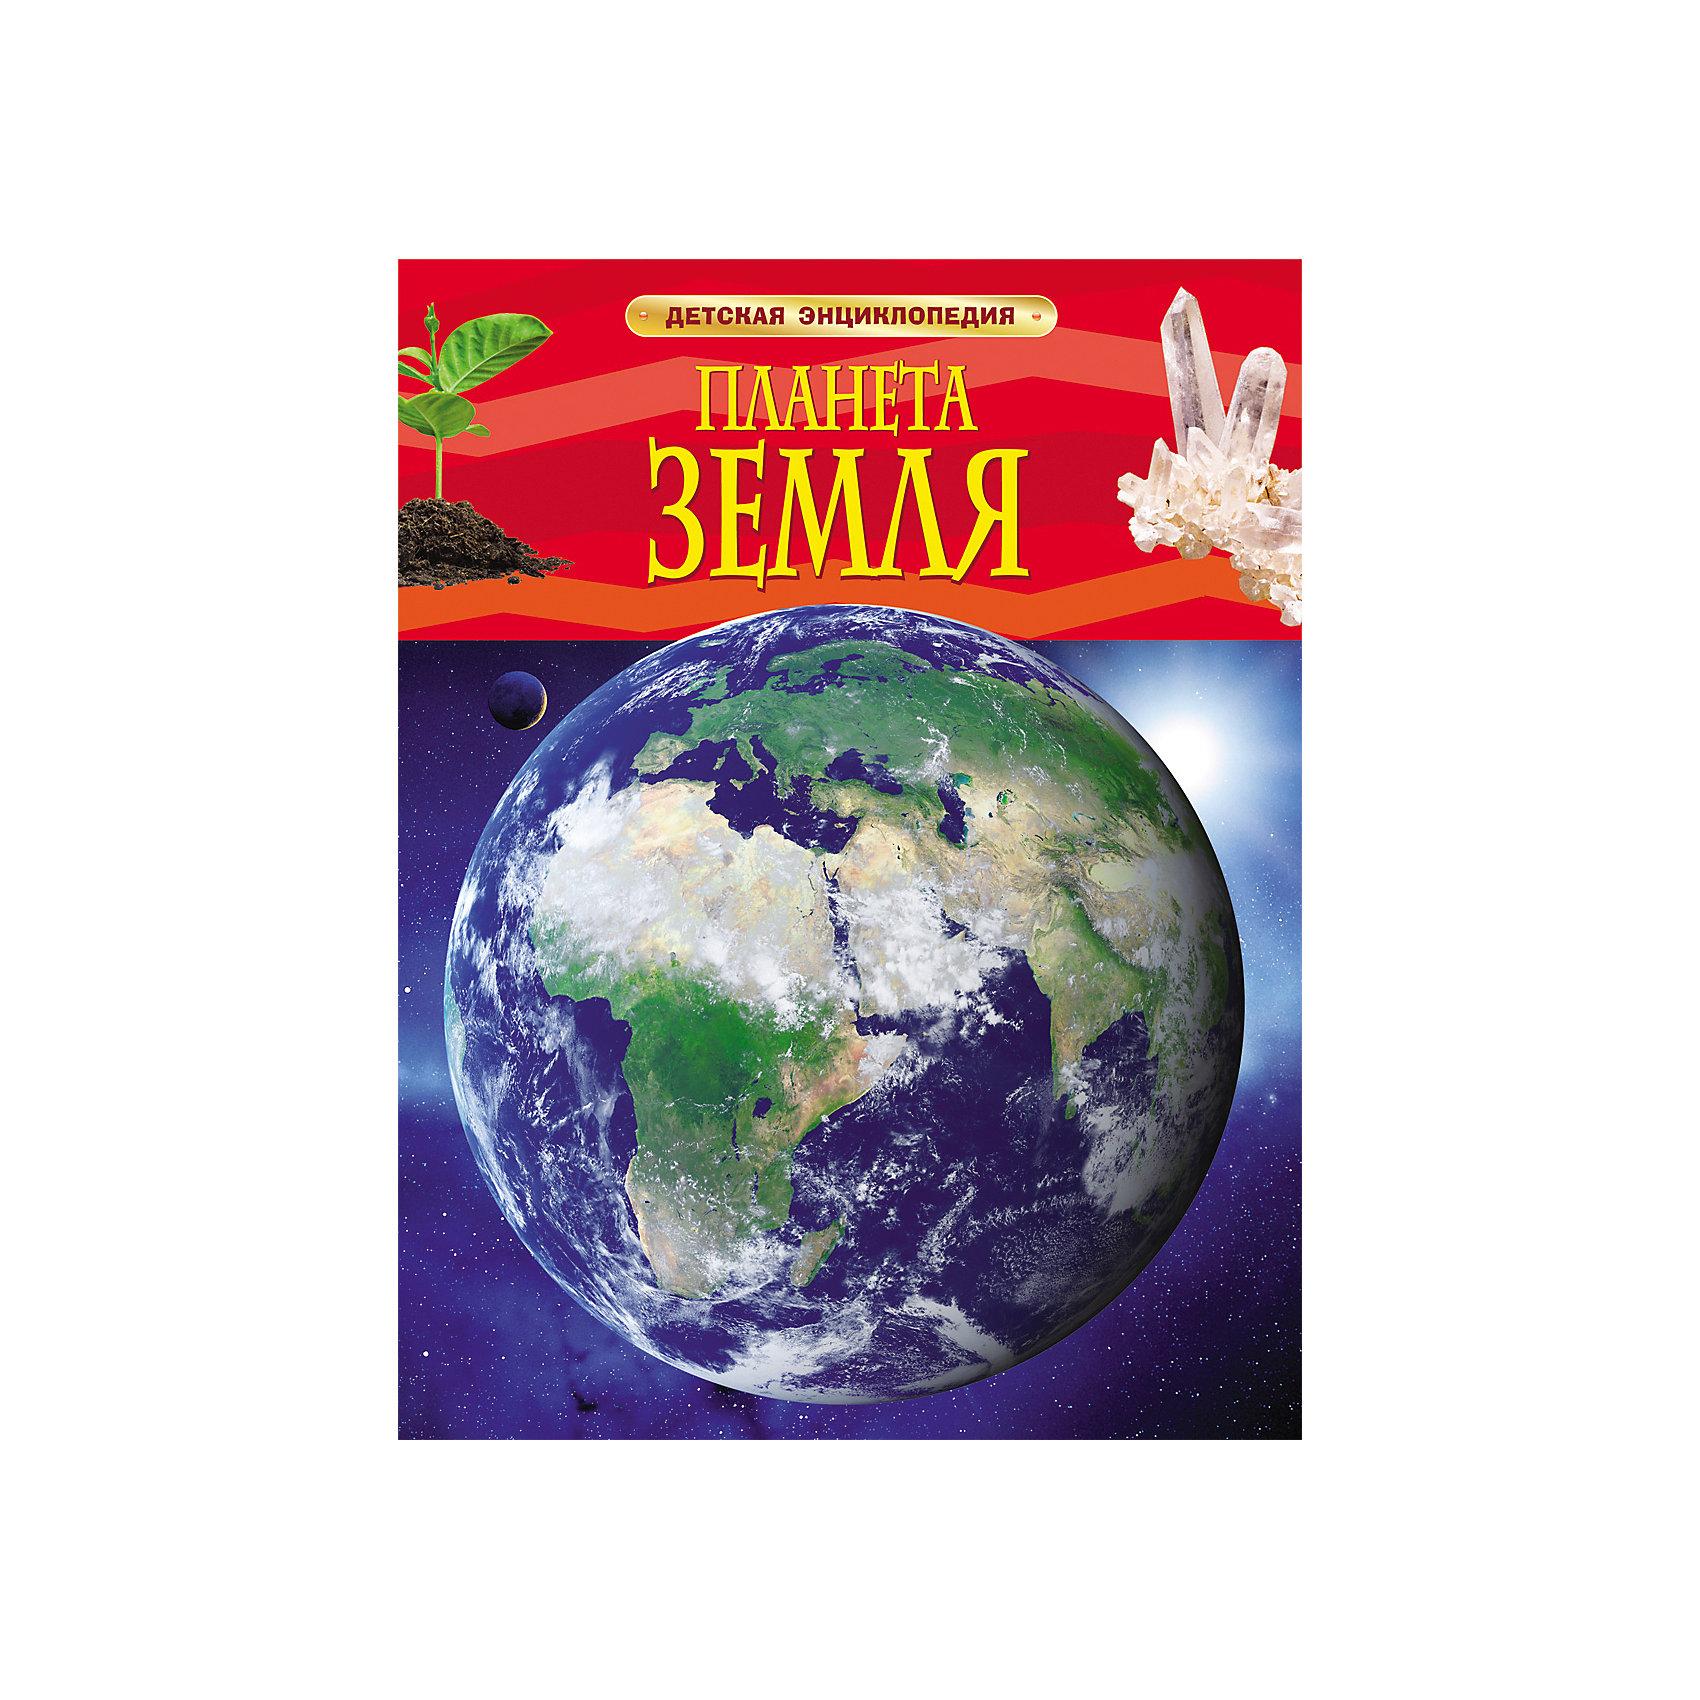 Детская энциклопедия Планета ЗемляРосмэн<br>Земля - единственное известное нам место в космосе, где существует жизнь, и жизнь эта очень разнообразна. Что скрывается под земной корой? Как появляются горы, ледники, вулканы и полярное сияние? Кто обитает в океанских глубинах, засушливых пустынях и вечных снегах? Какие опасности грозят нашей планете и можем ли мы им противостоять? В этой книге, полной красочных фотографий и рисунков, читатель найдет ответы на самые захватывающие вопросы о планете Земля.<br><br>Ширина мм: 263<br>Глубина мм: 200<br>Высота мм: 8<br>Вес г: 338<br>Возраст от месяцев: 60<br>Возраст до месяцев: 144<br>Пол: Унисекс<br>Возраст: Детский<br>SKU: 4782465